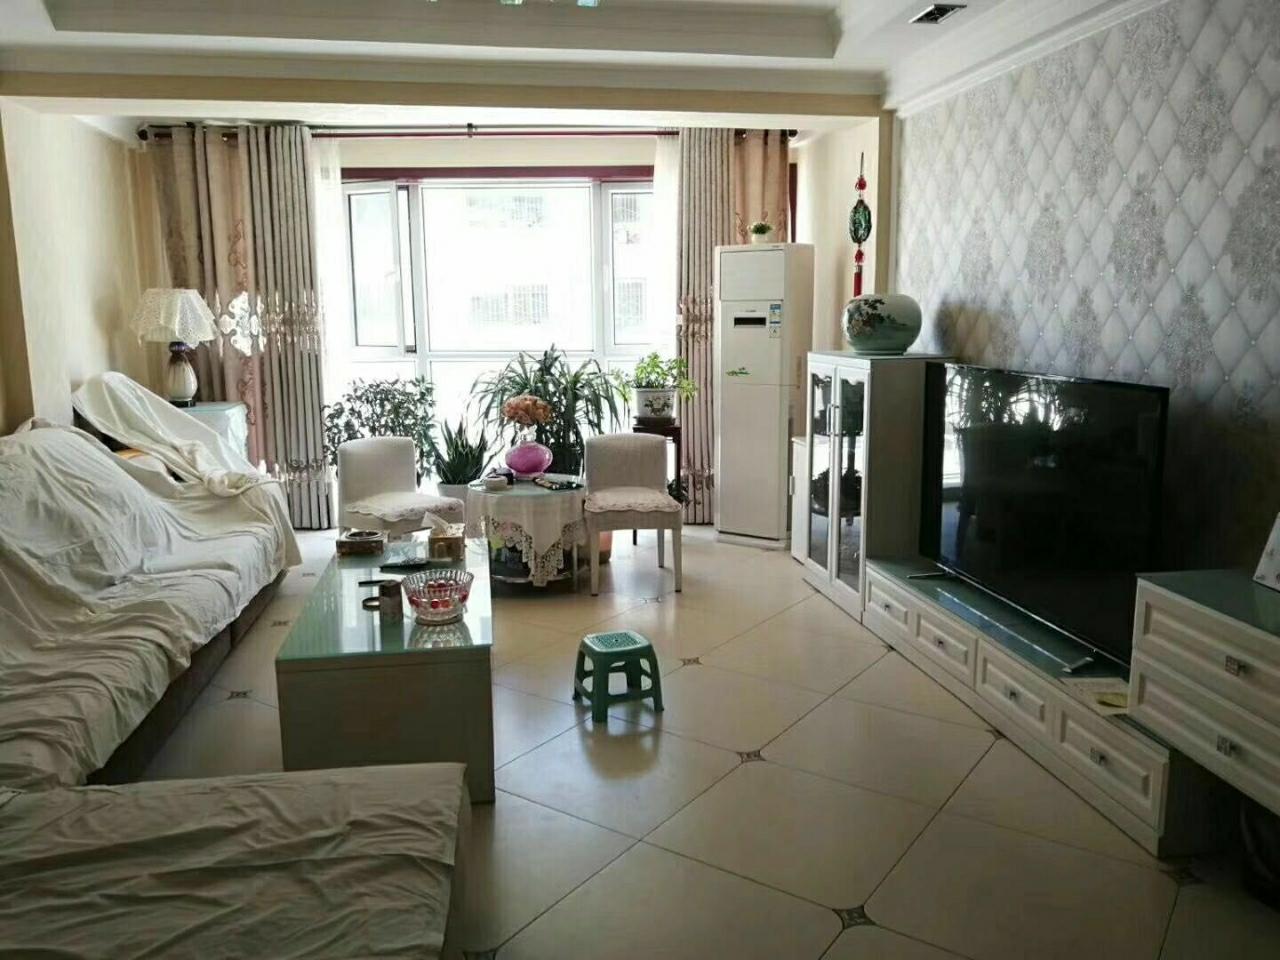 紫轩花苑C区3楼3室 2厅 1卫76万元